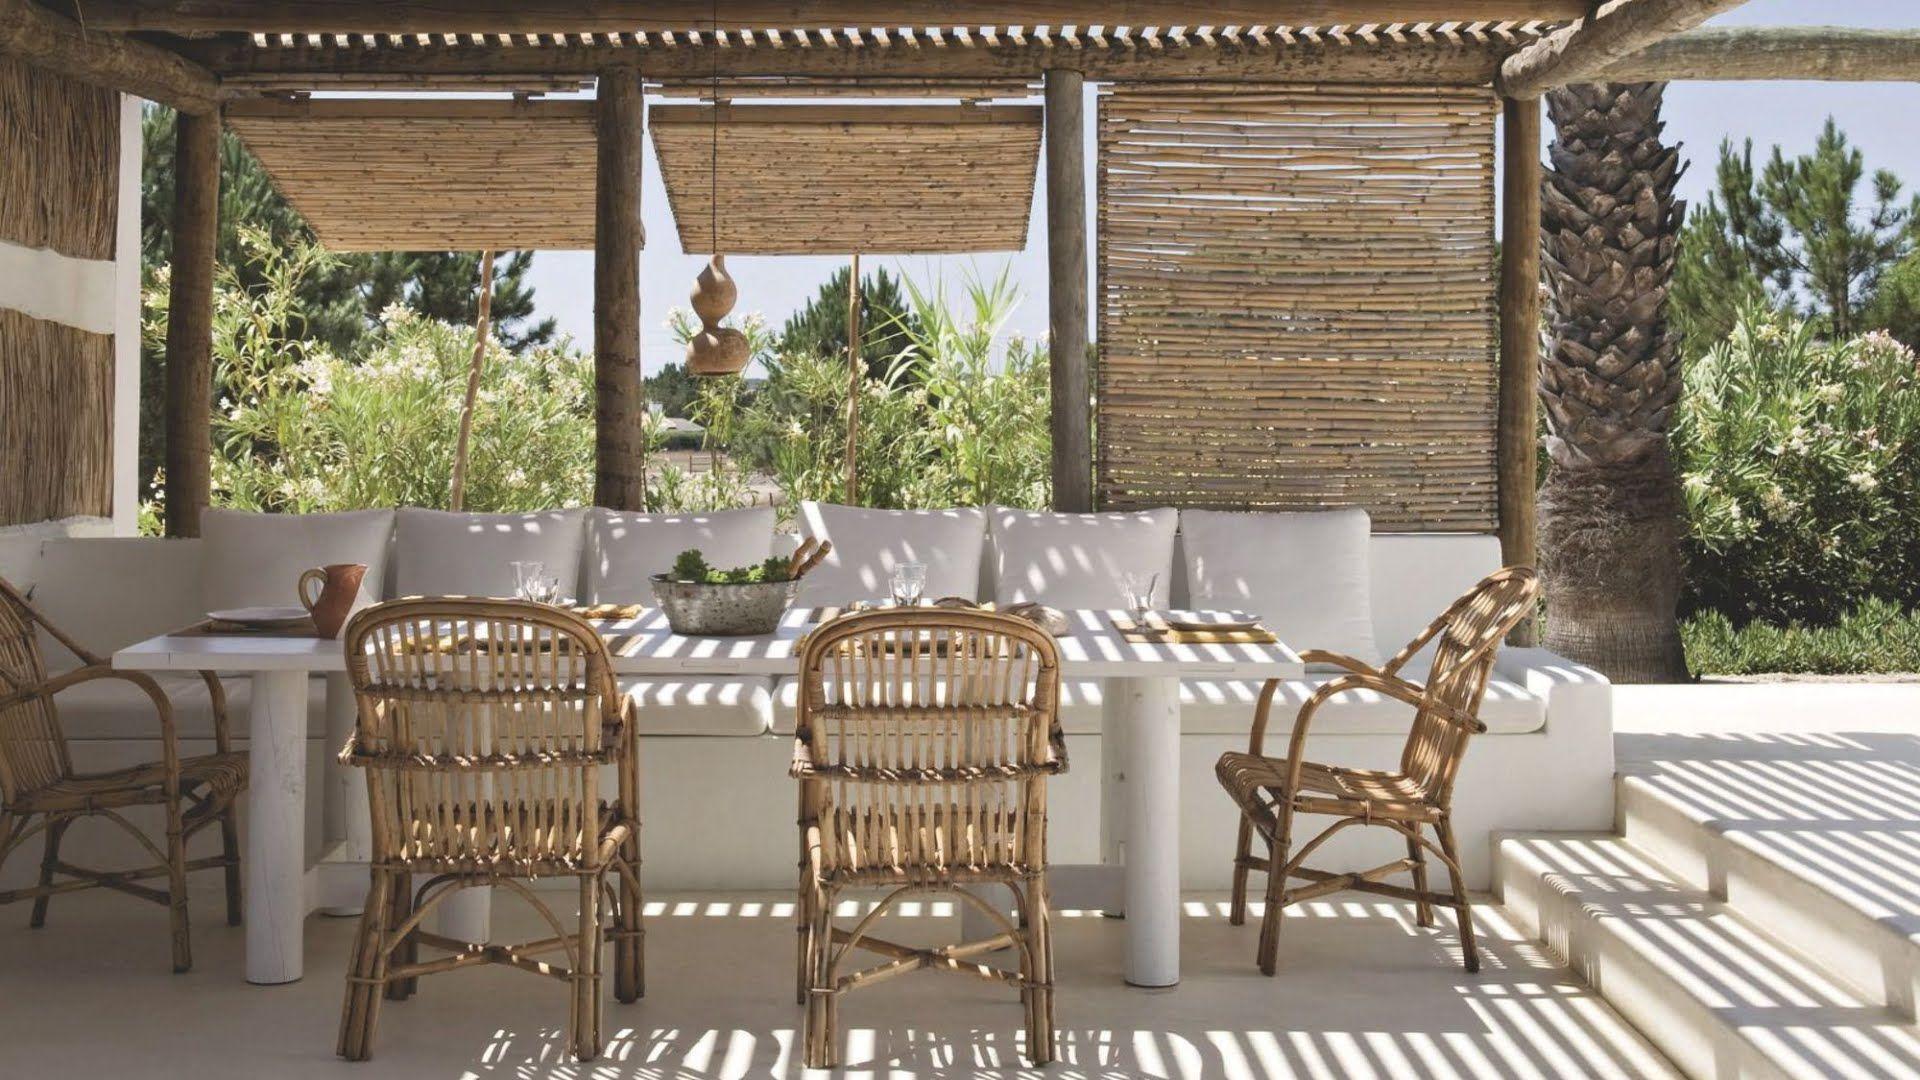 Une Maison De Vacances Avec Cabanes Sur La Plage Decor Style